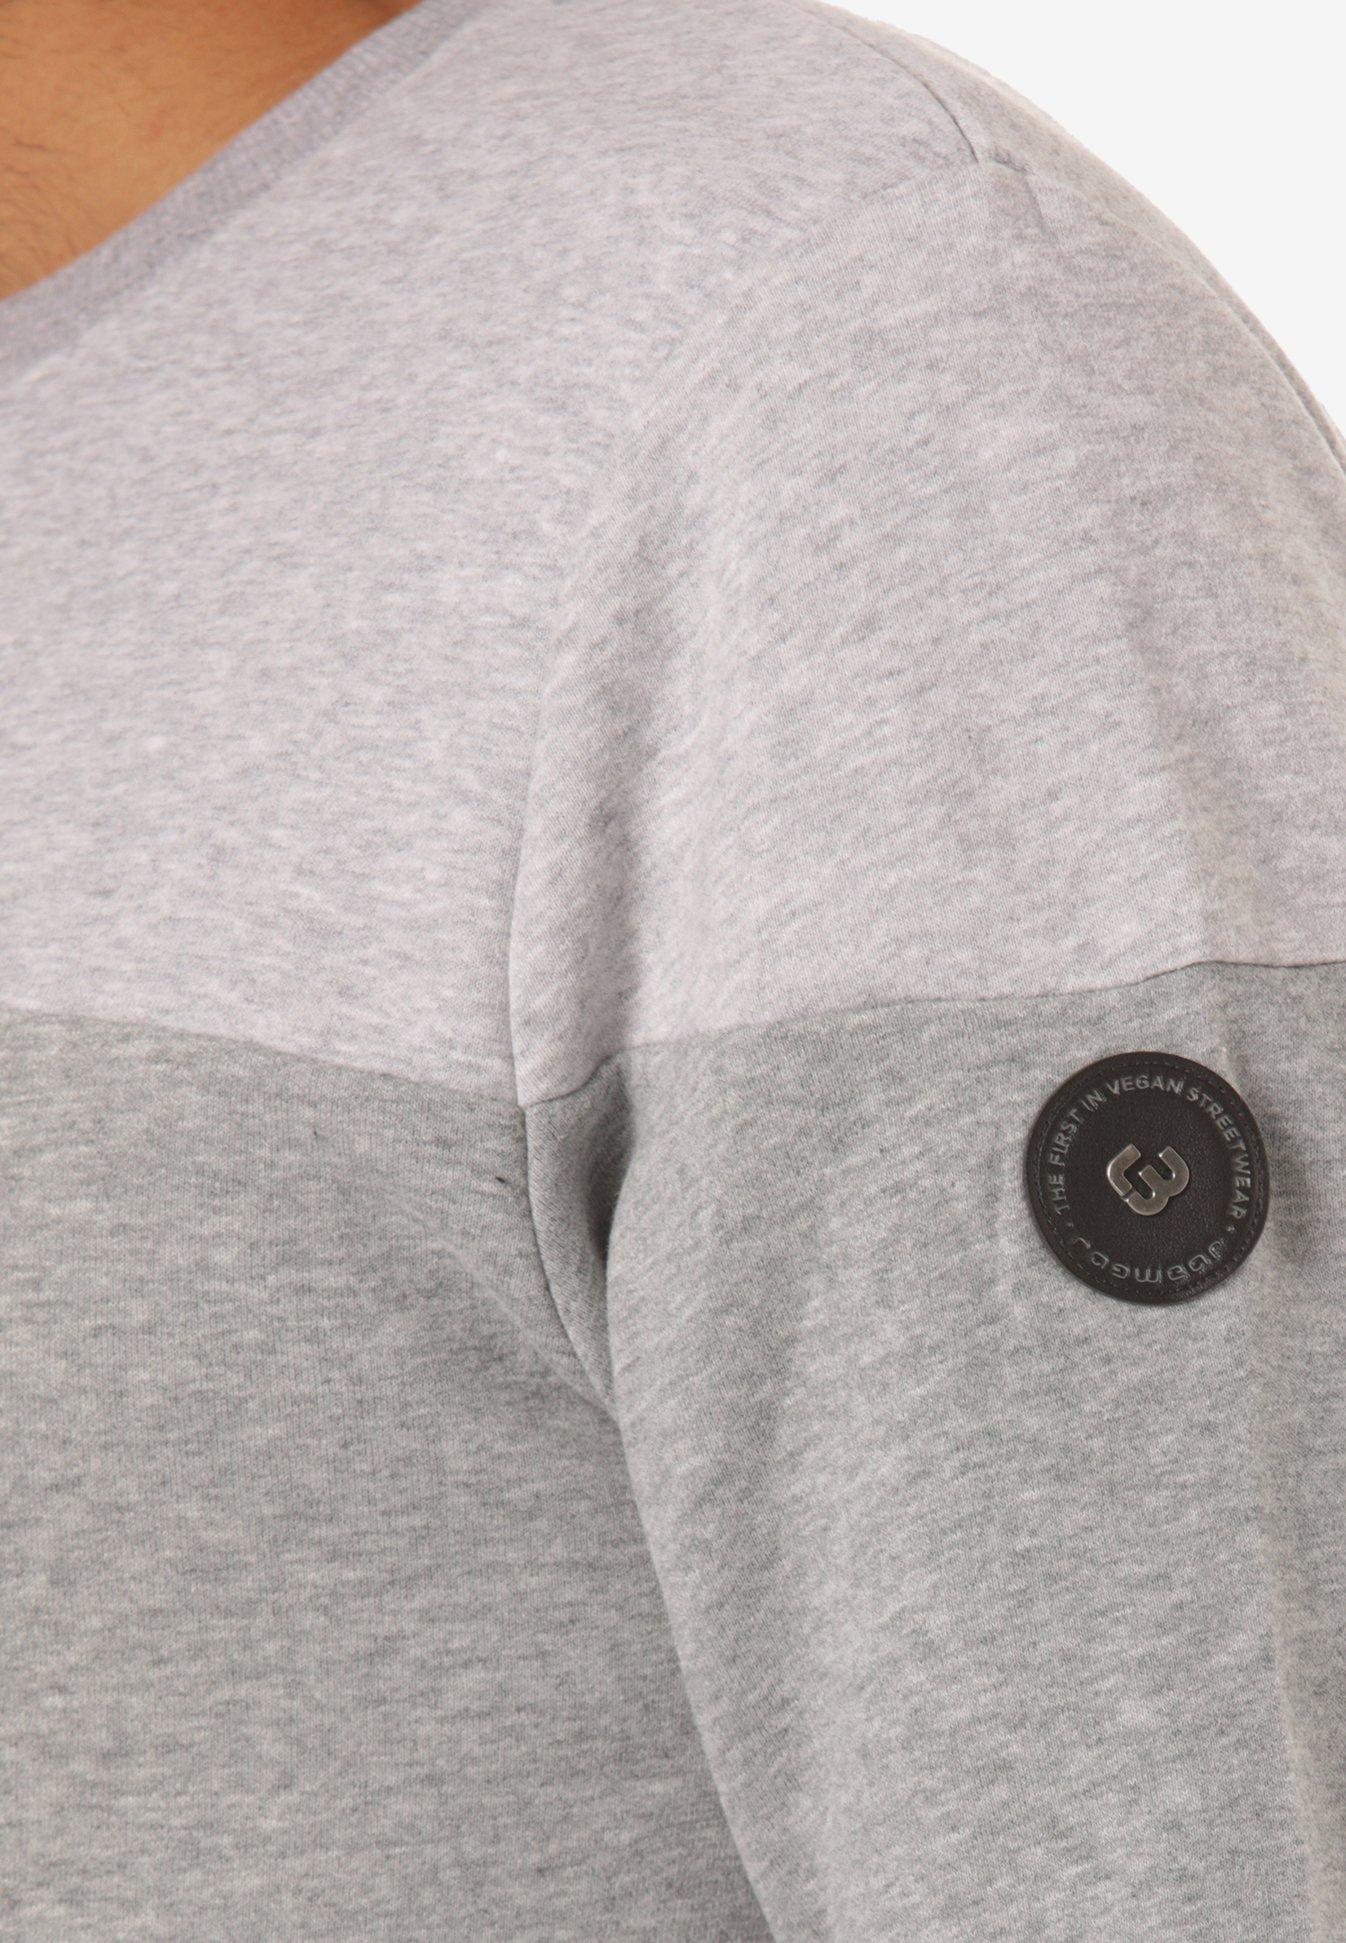 Ragwear Sweatshirt grey